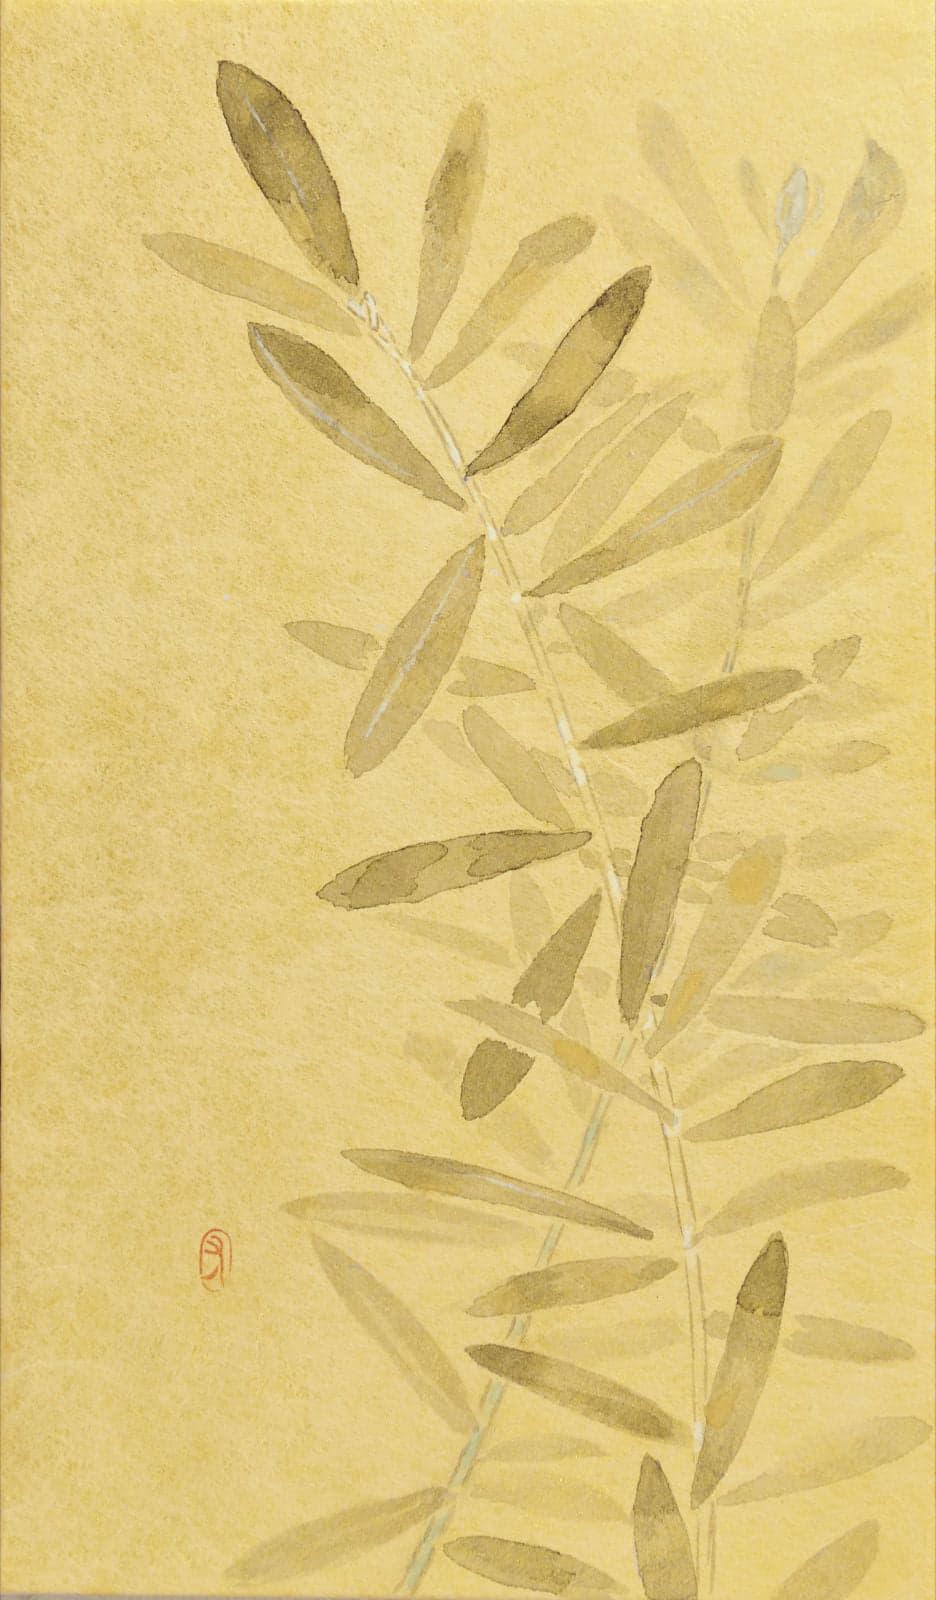 日本画家 前田 有加里 (Sound of Gold 出展作家)